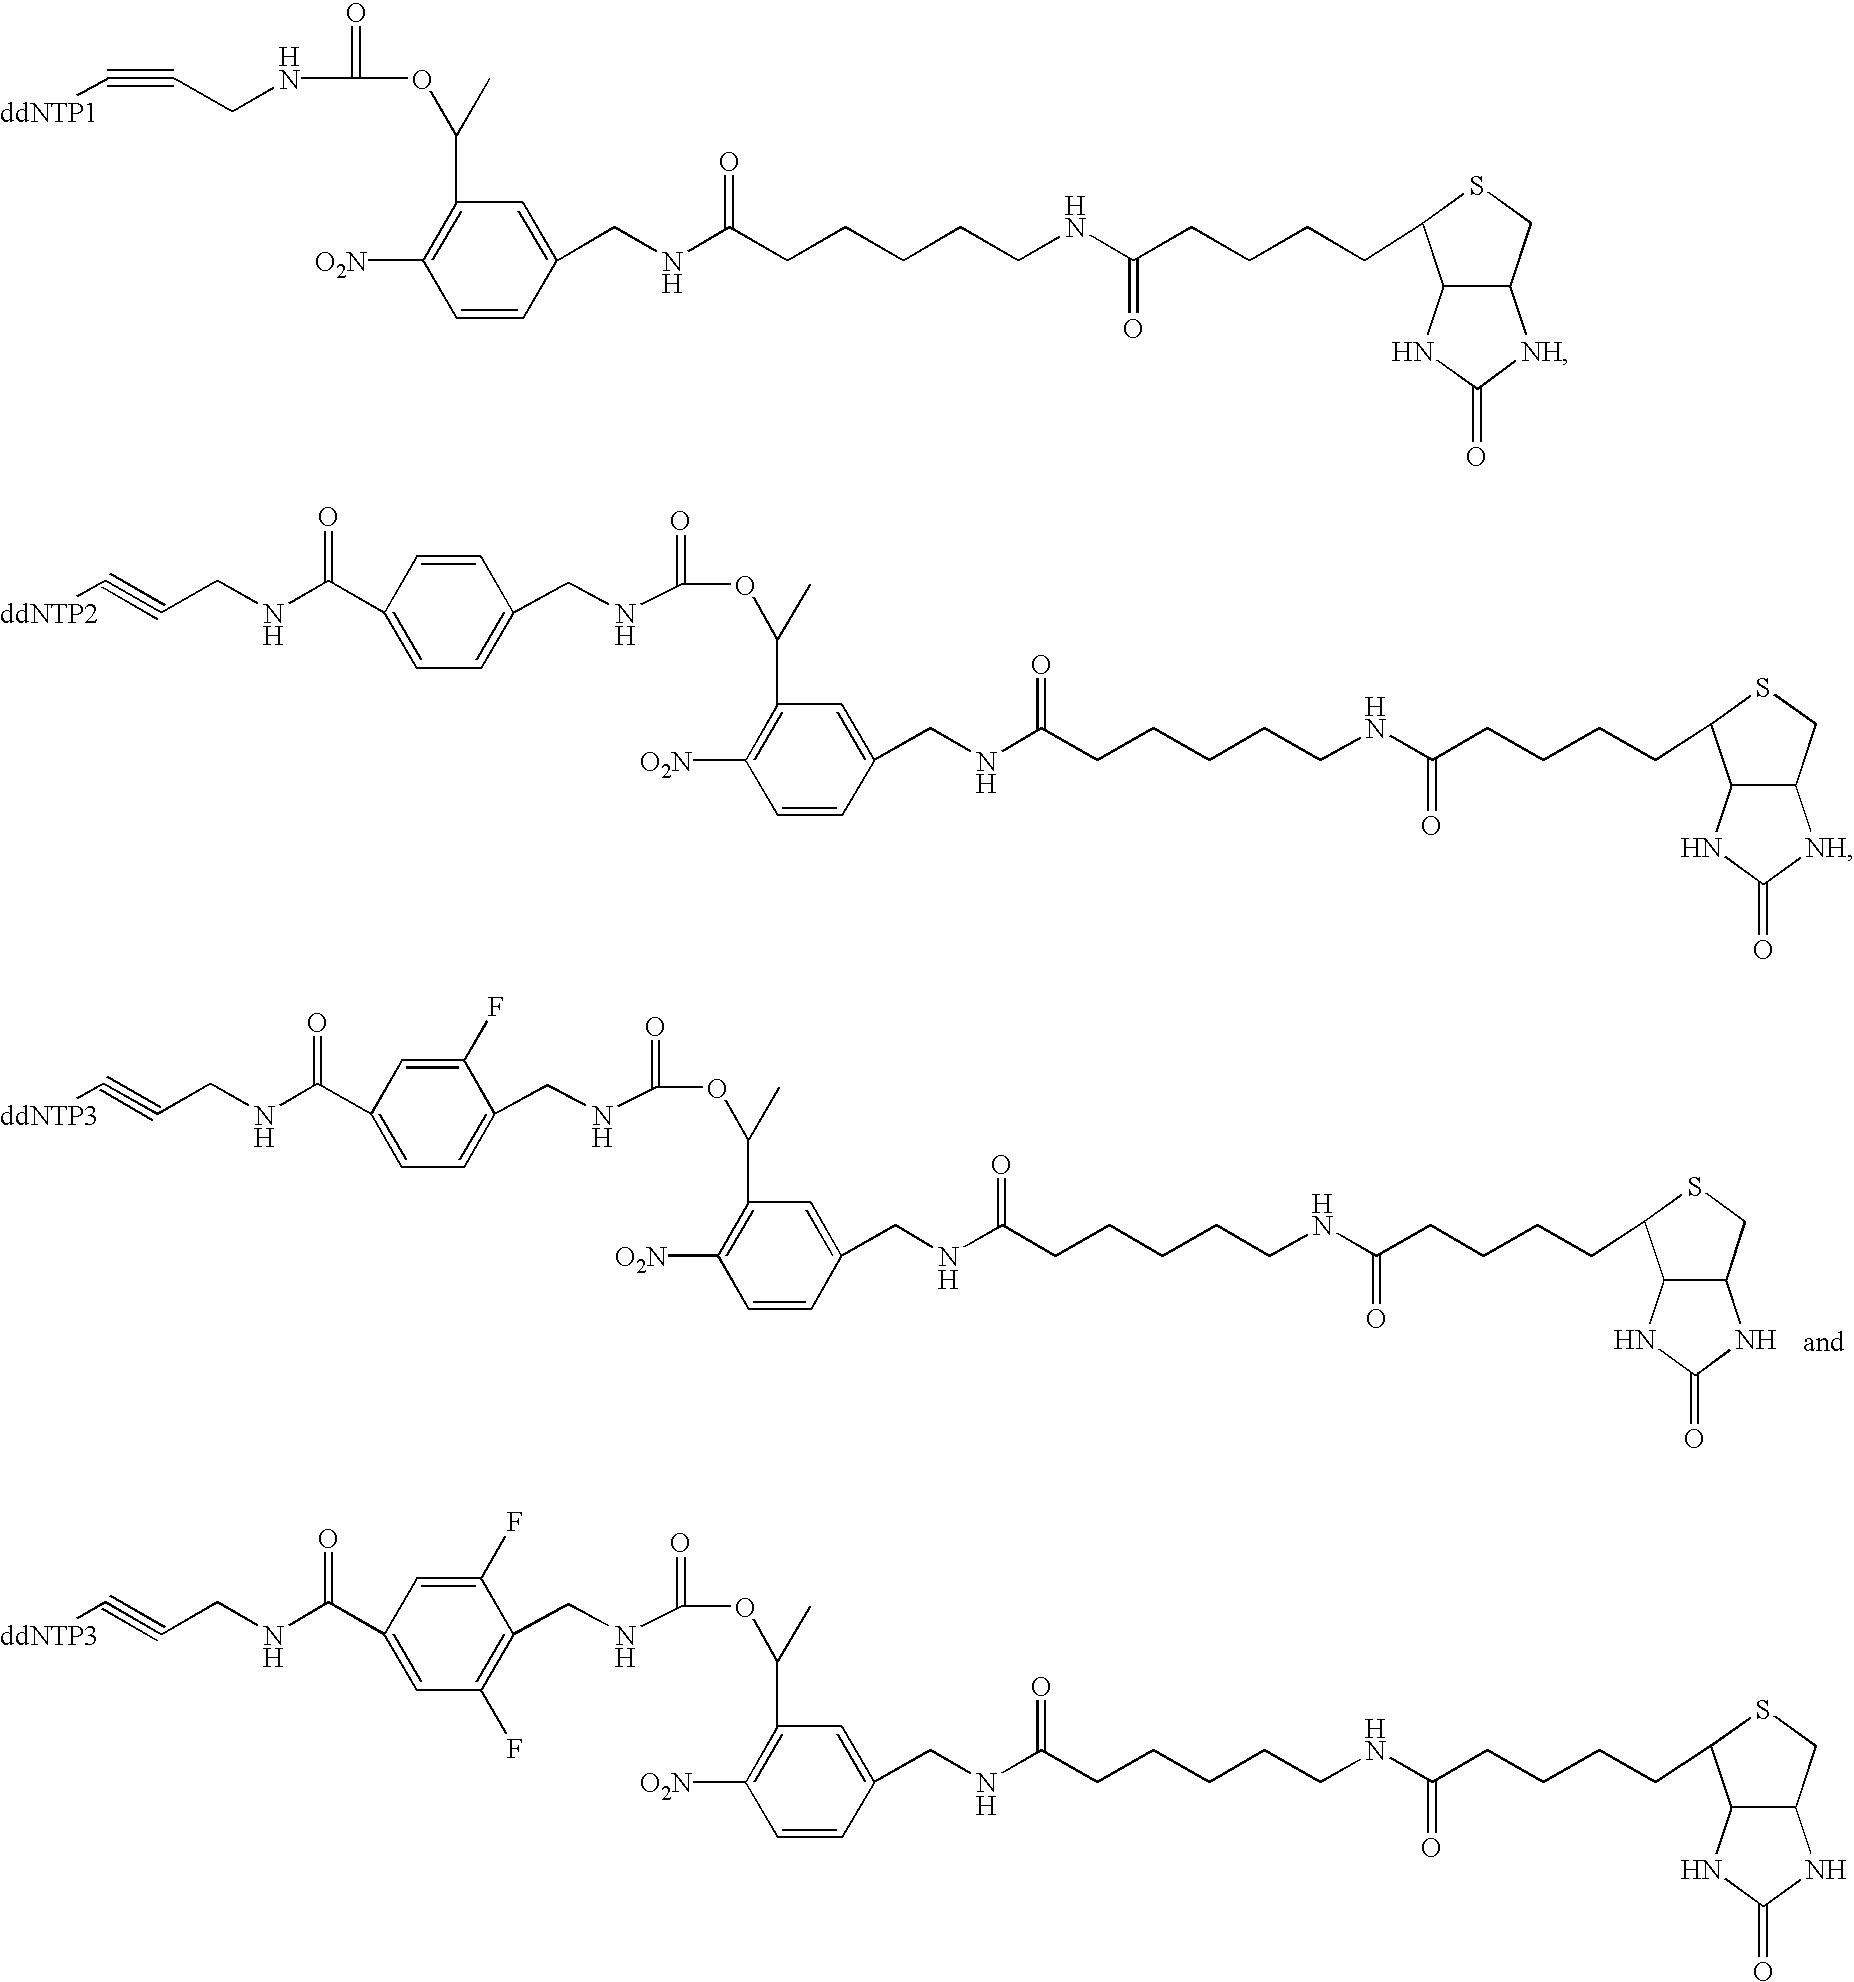 Figure US20030027140A1-20030206-C00020